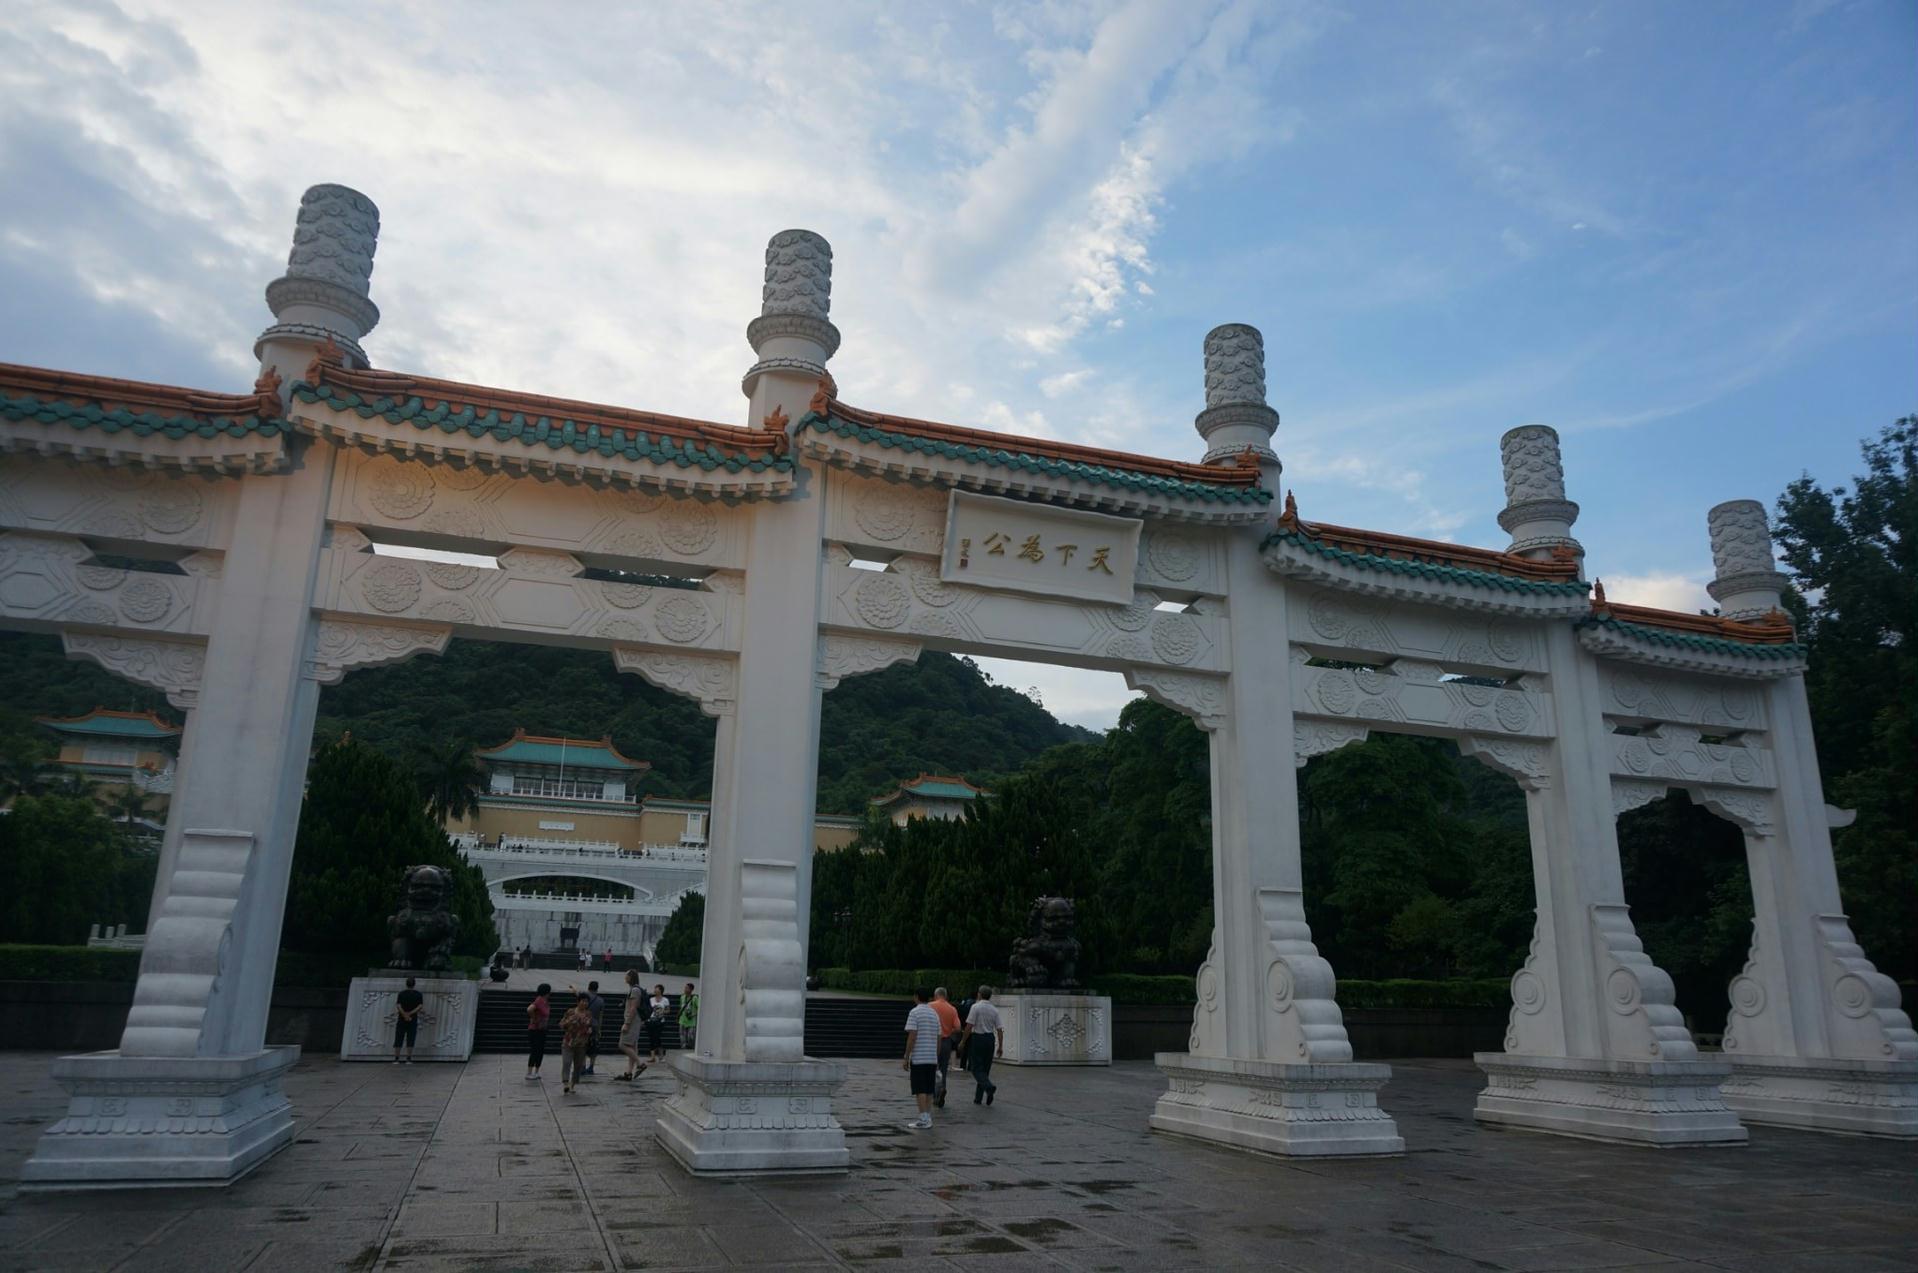 国立故宫博物院图书文献馆